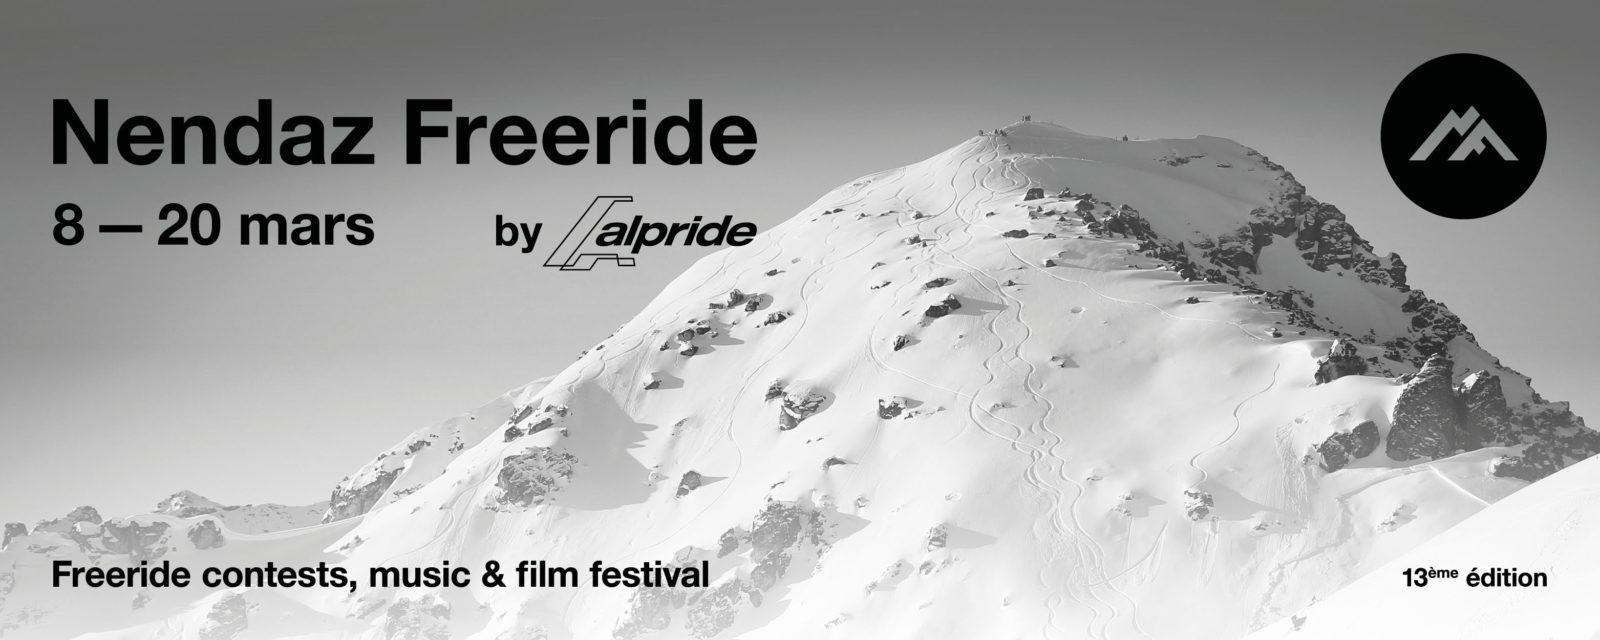 Nendaz Freeride by Alpride !!